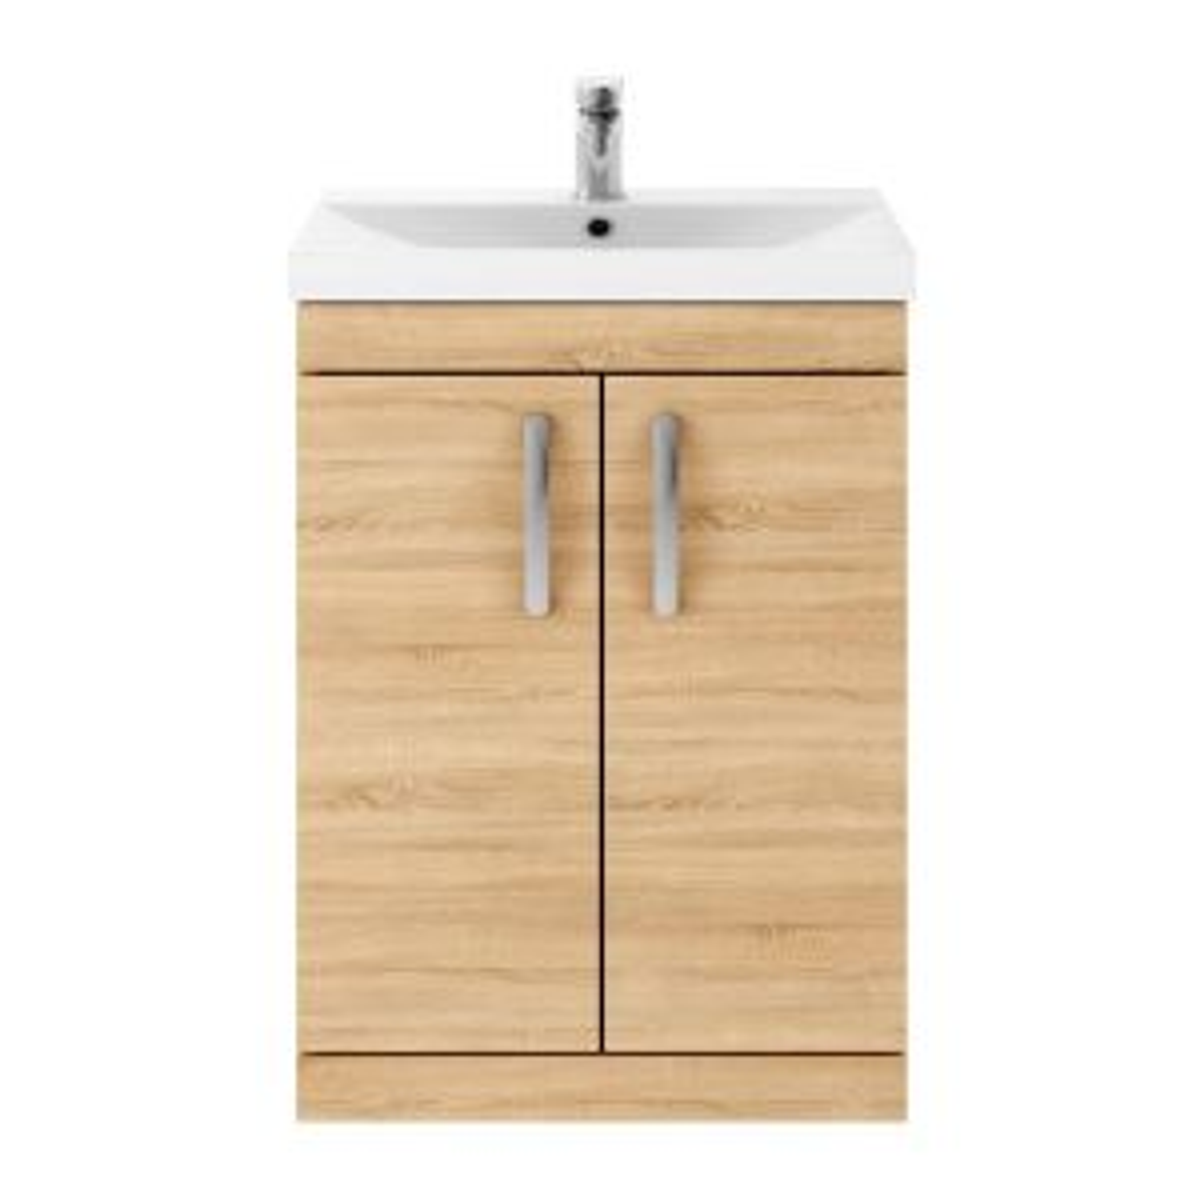 Nuie Athena Natural Oak 2 Door Floor Standing Vanity Unit with 50mm Profile Basin 500mm